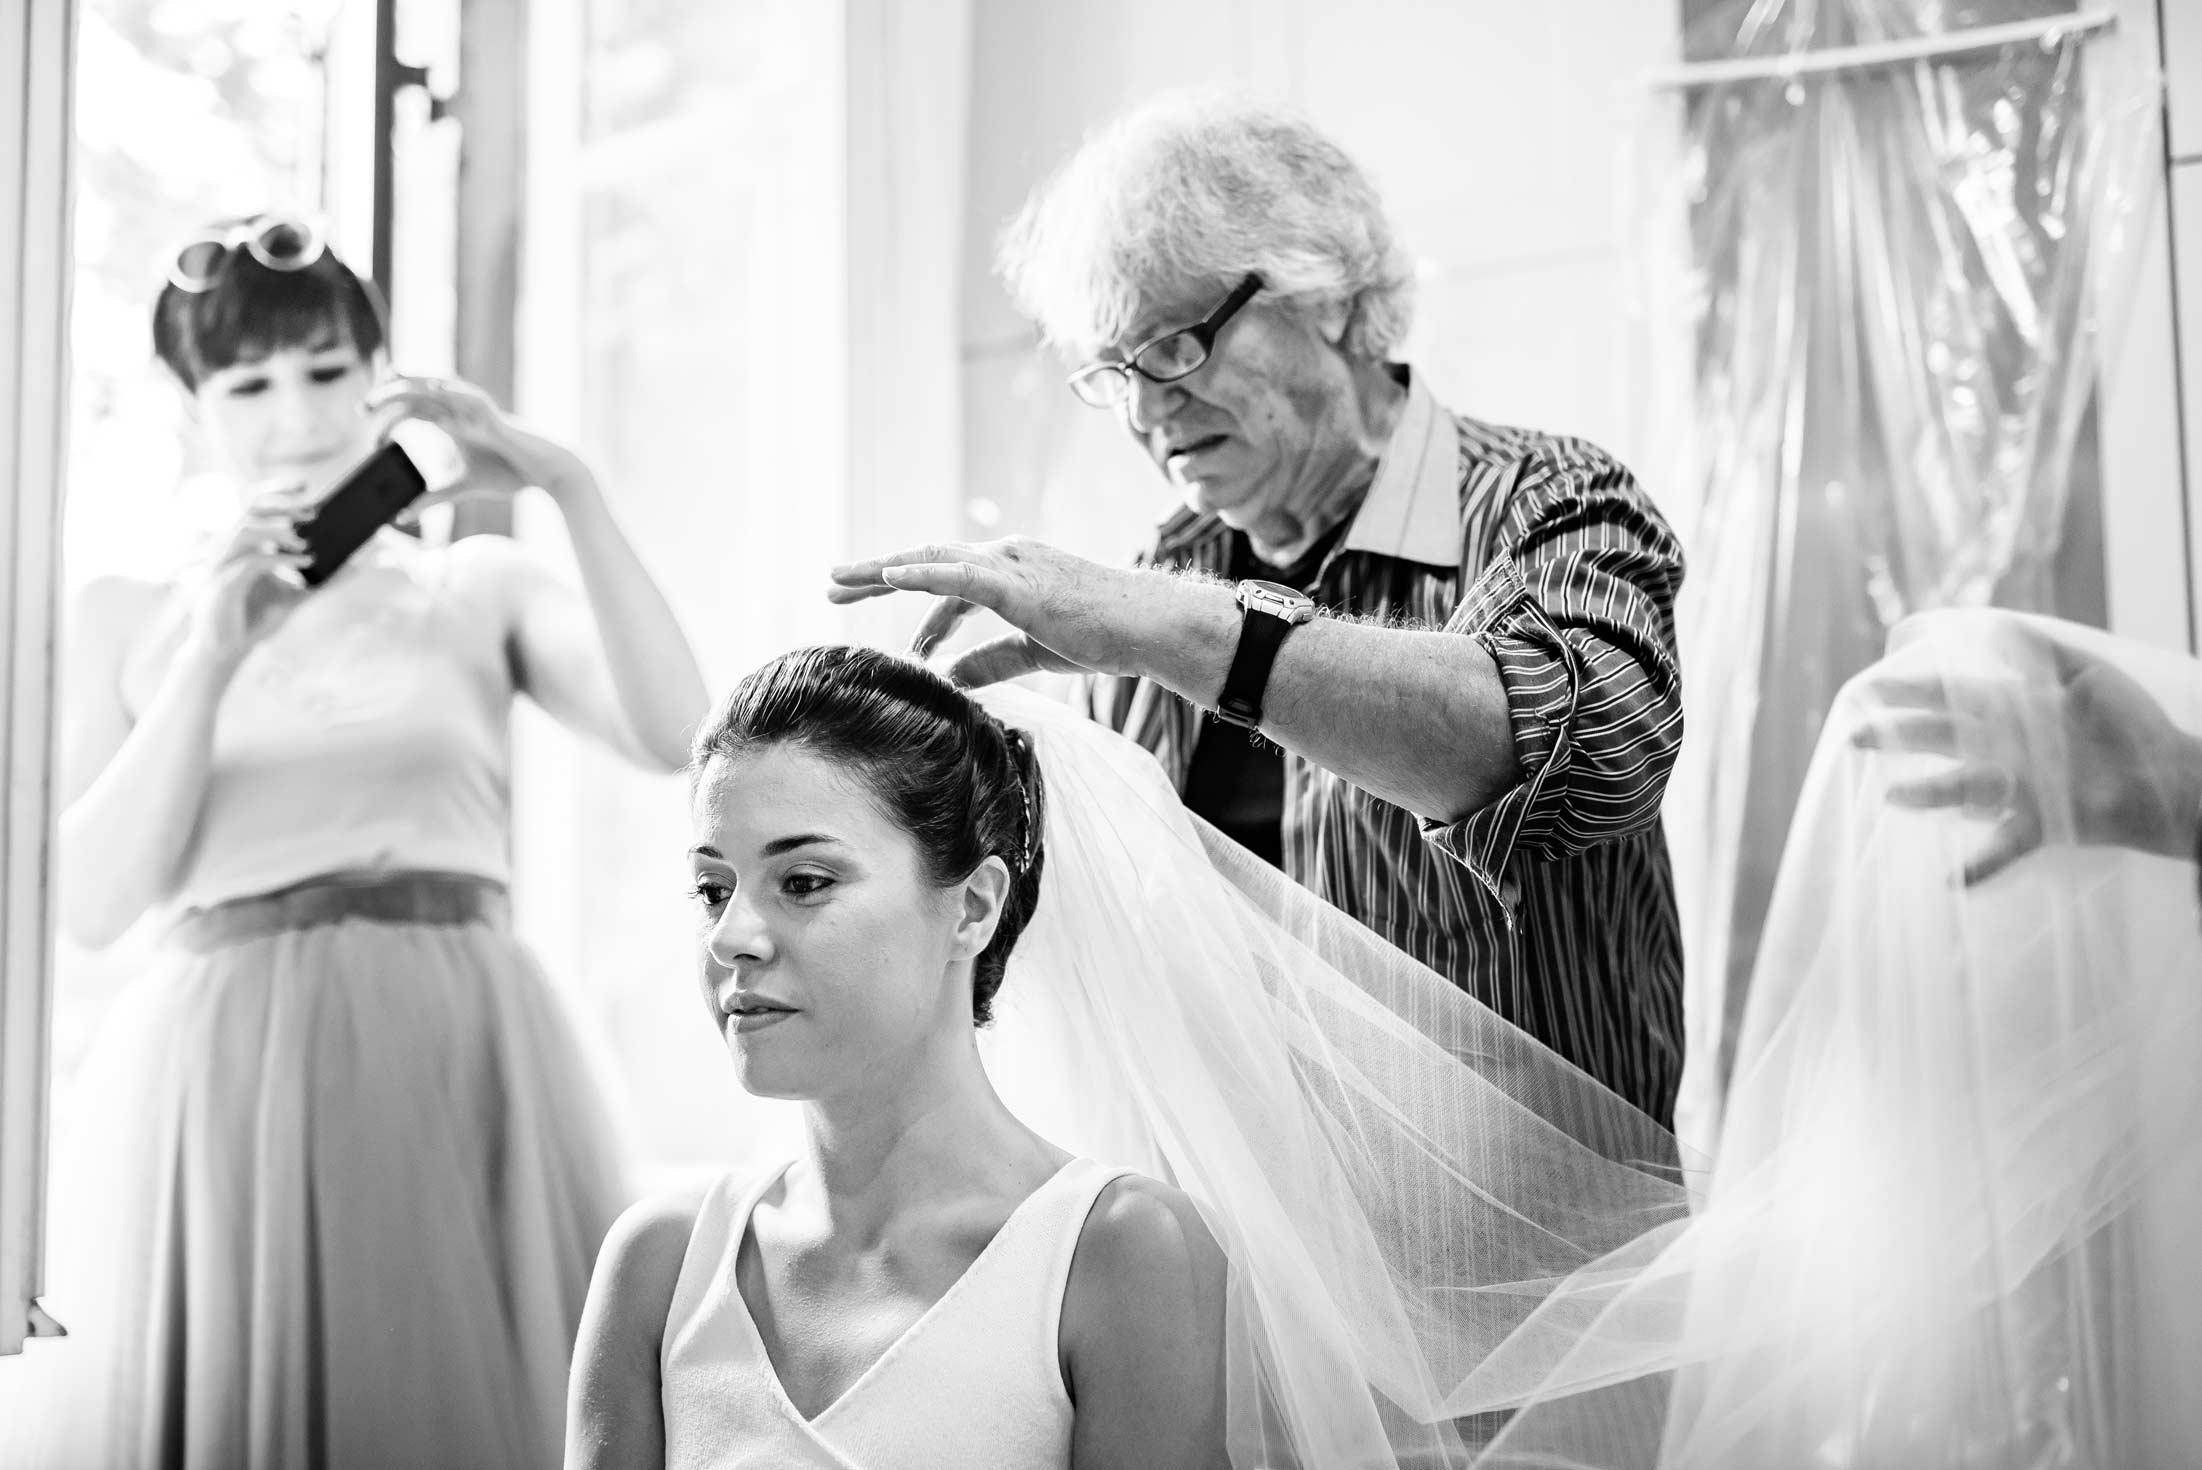 Fotografo-Matrimoni-Roma-Stile-Reportage-Preparativi-Sposa 2-Bride